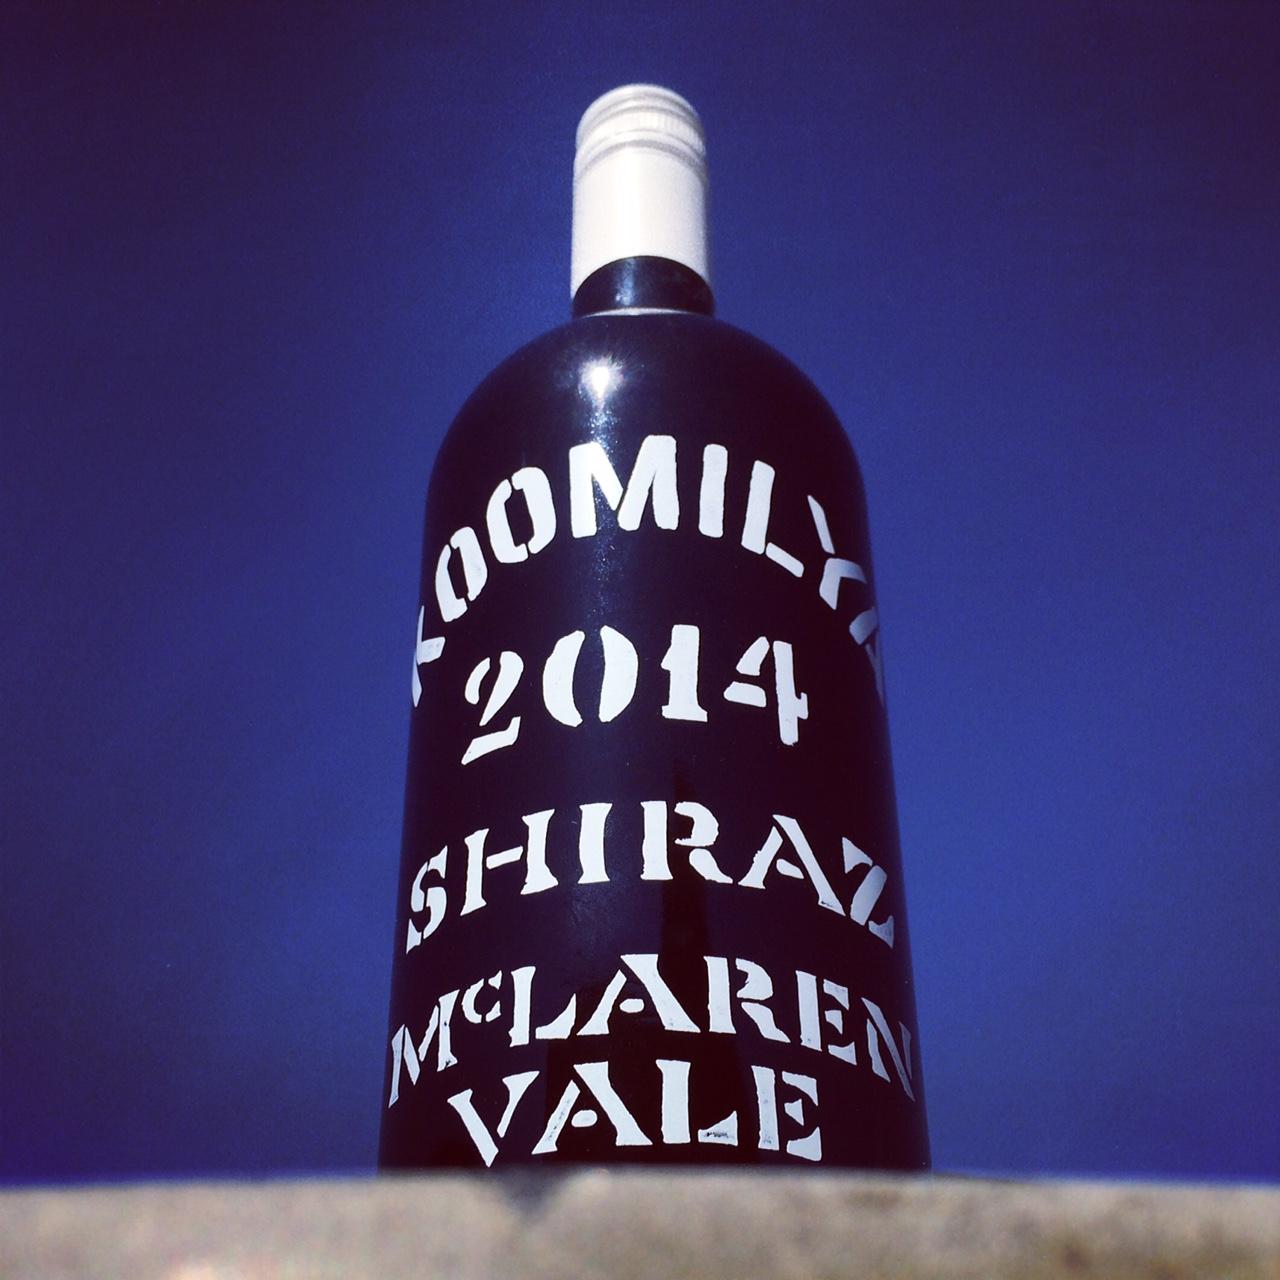 koomilya-bottle-informal-2014